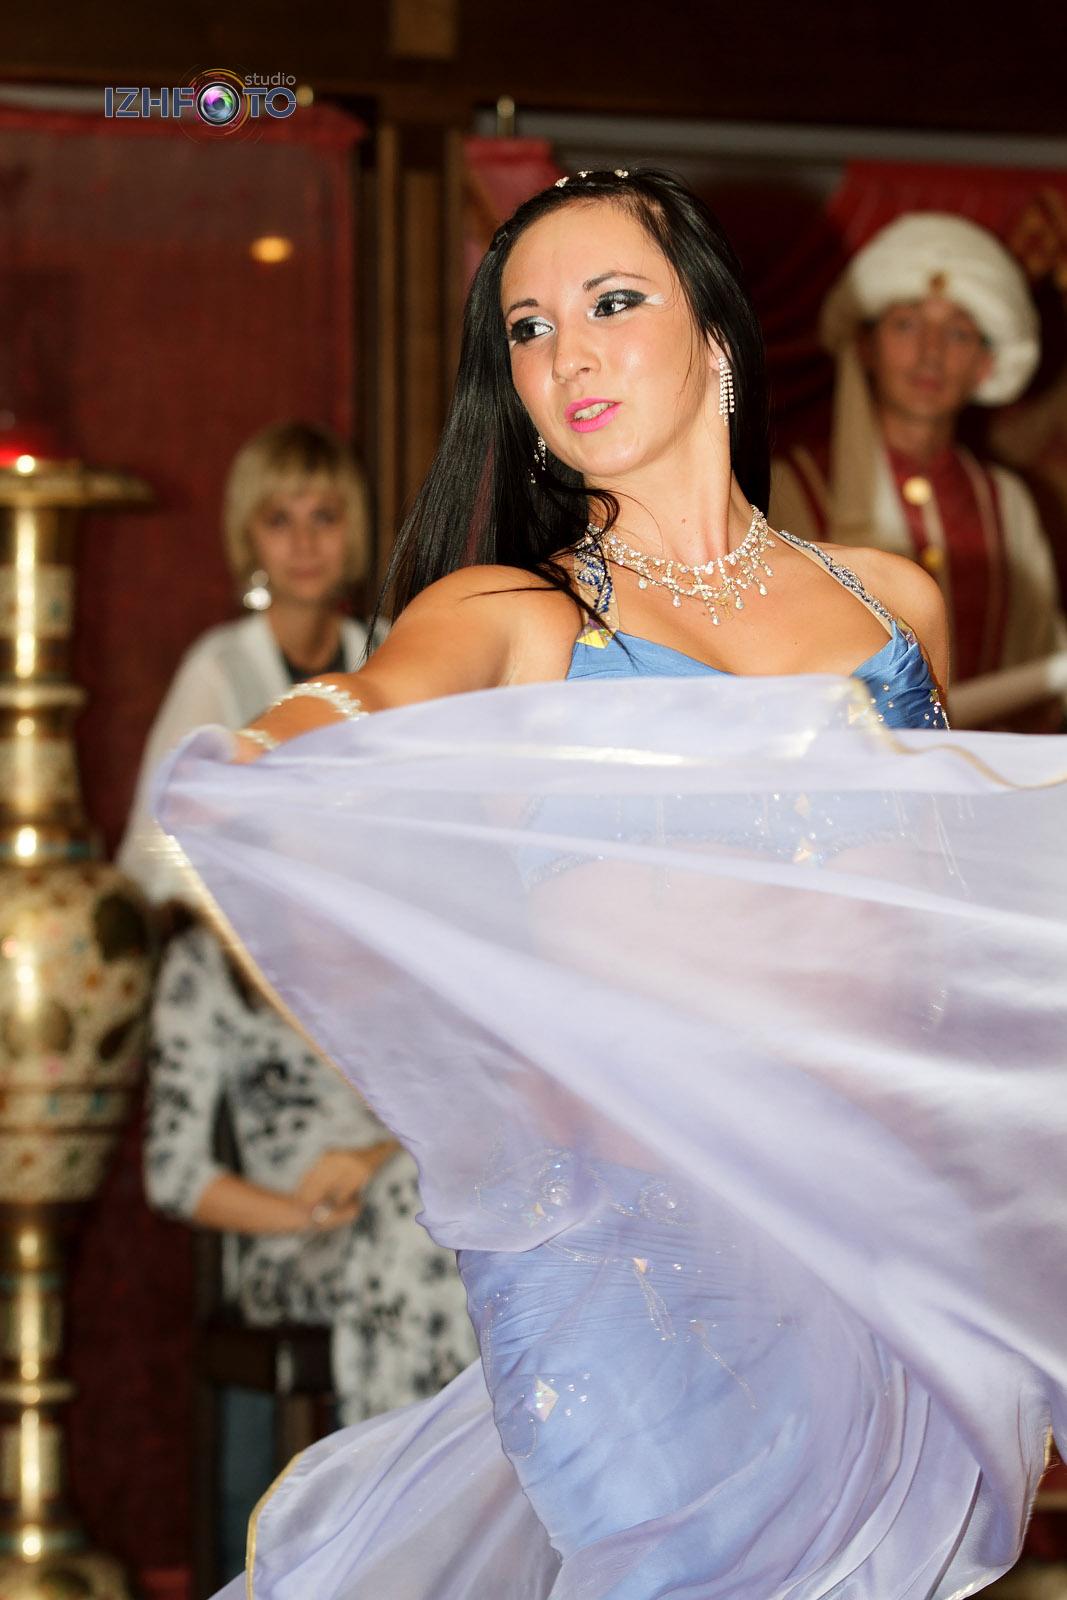 Восточные танцы для девочек в Ижевске